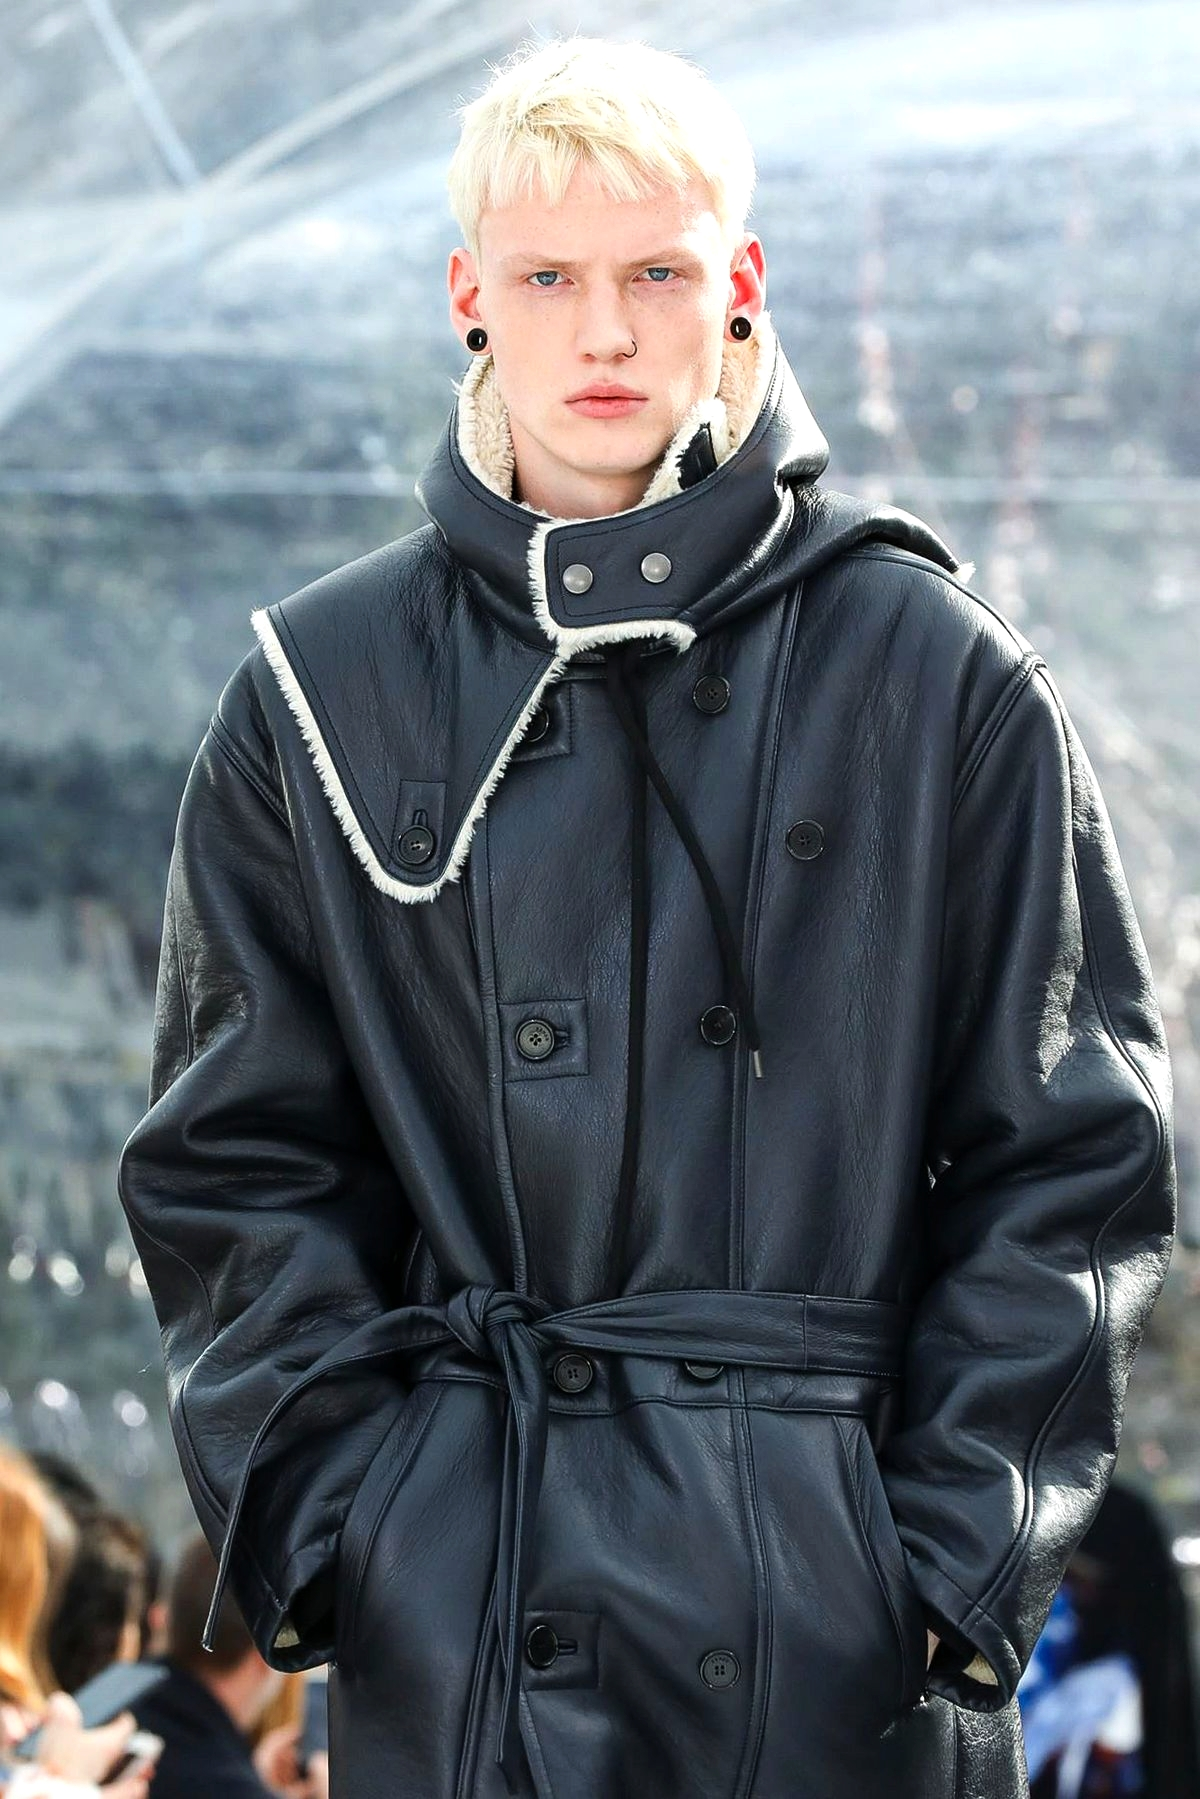 Kenzo Fall/Winter 2020 Ready-to-Wear